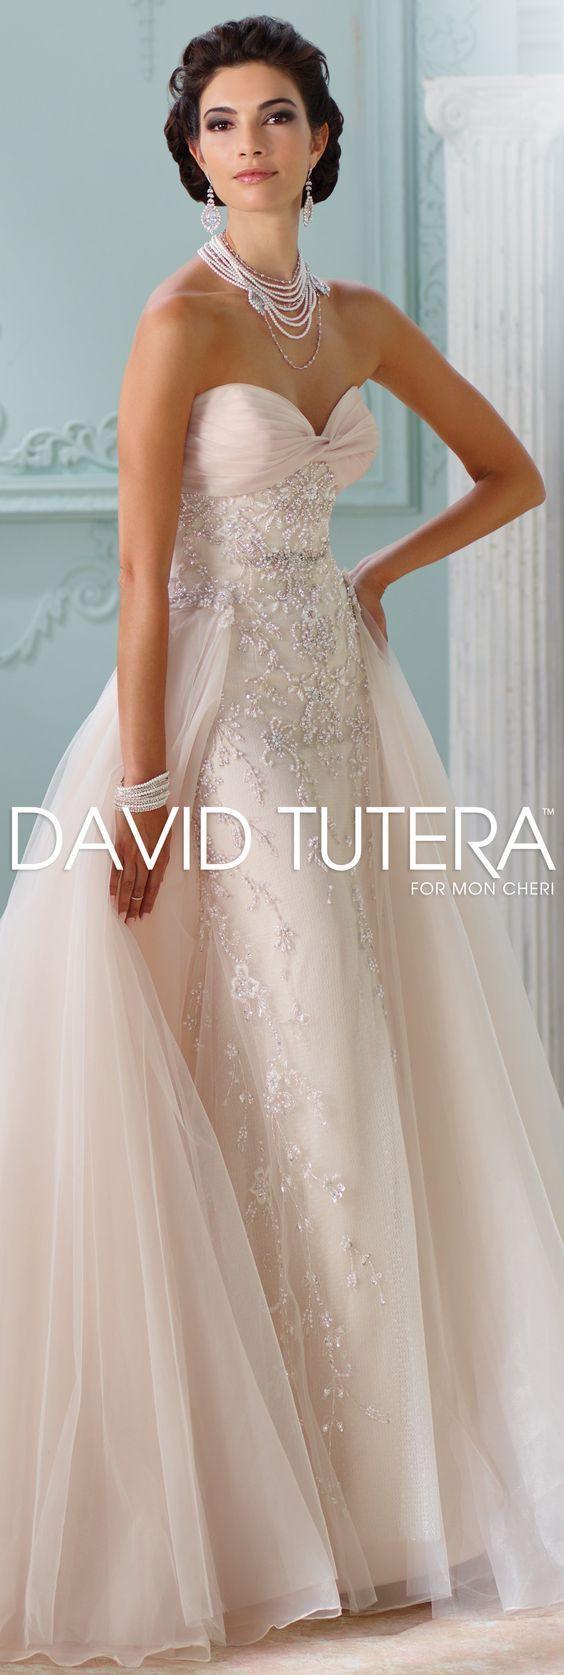 belle robe mariée pas chère dans le 15